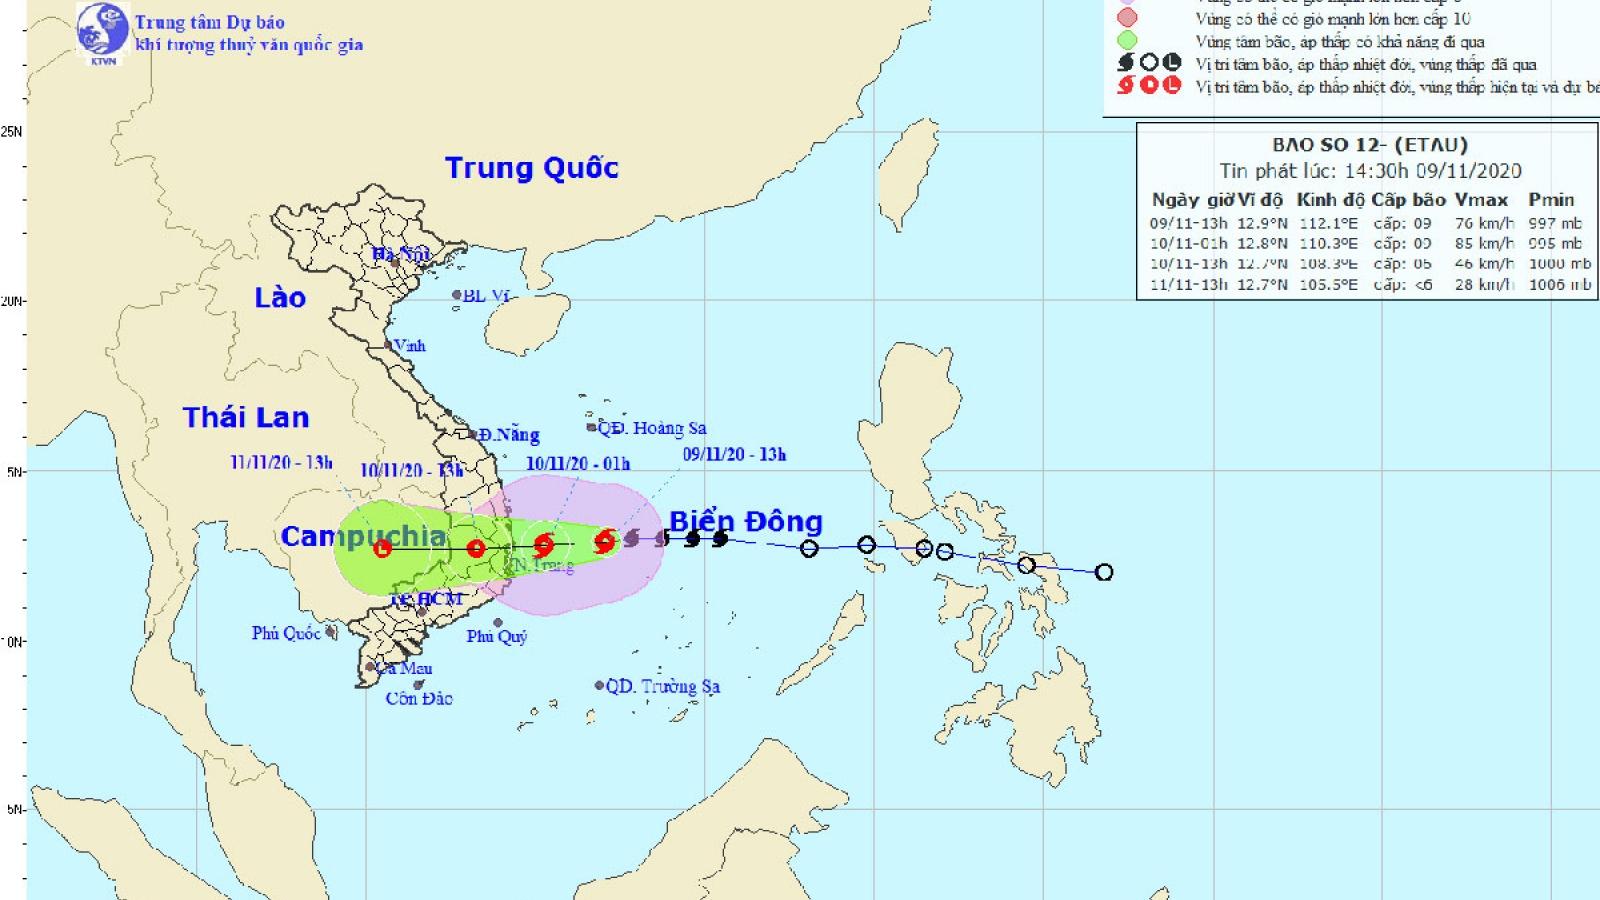 Bão số 12 đổ bộ vào đất liền từ Bình Định đến Ninh Thuận